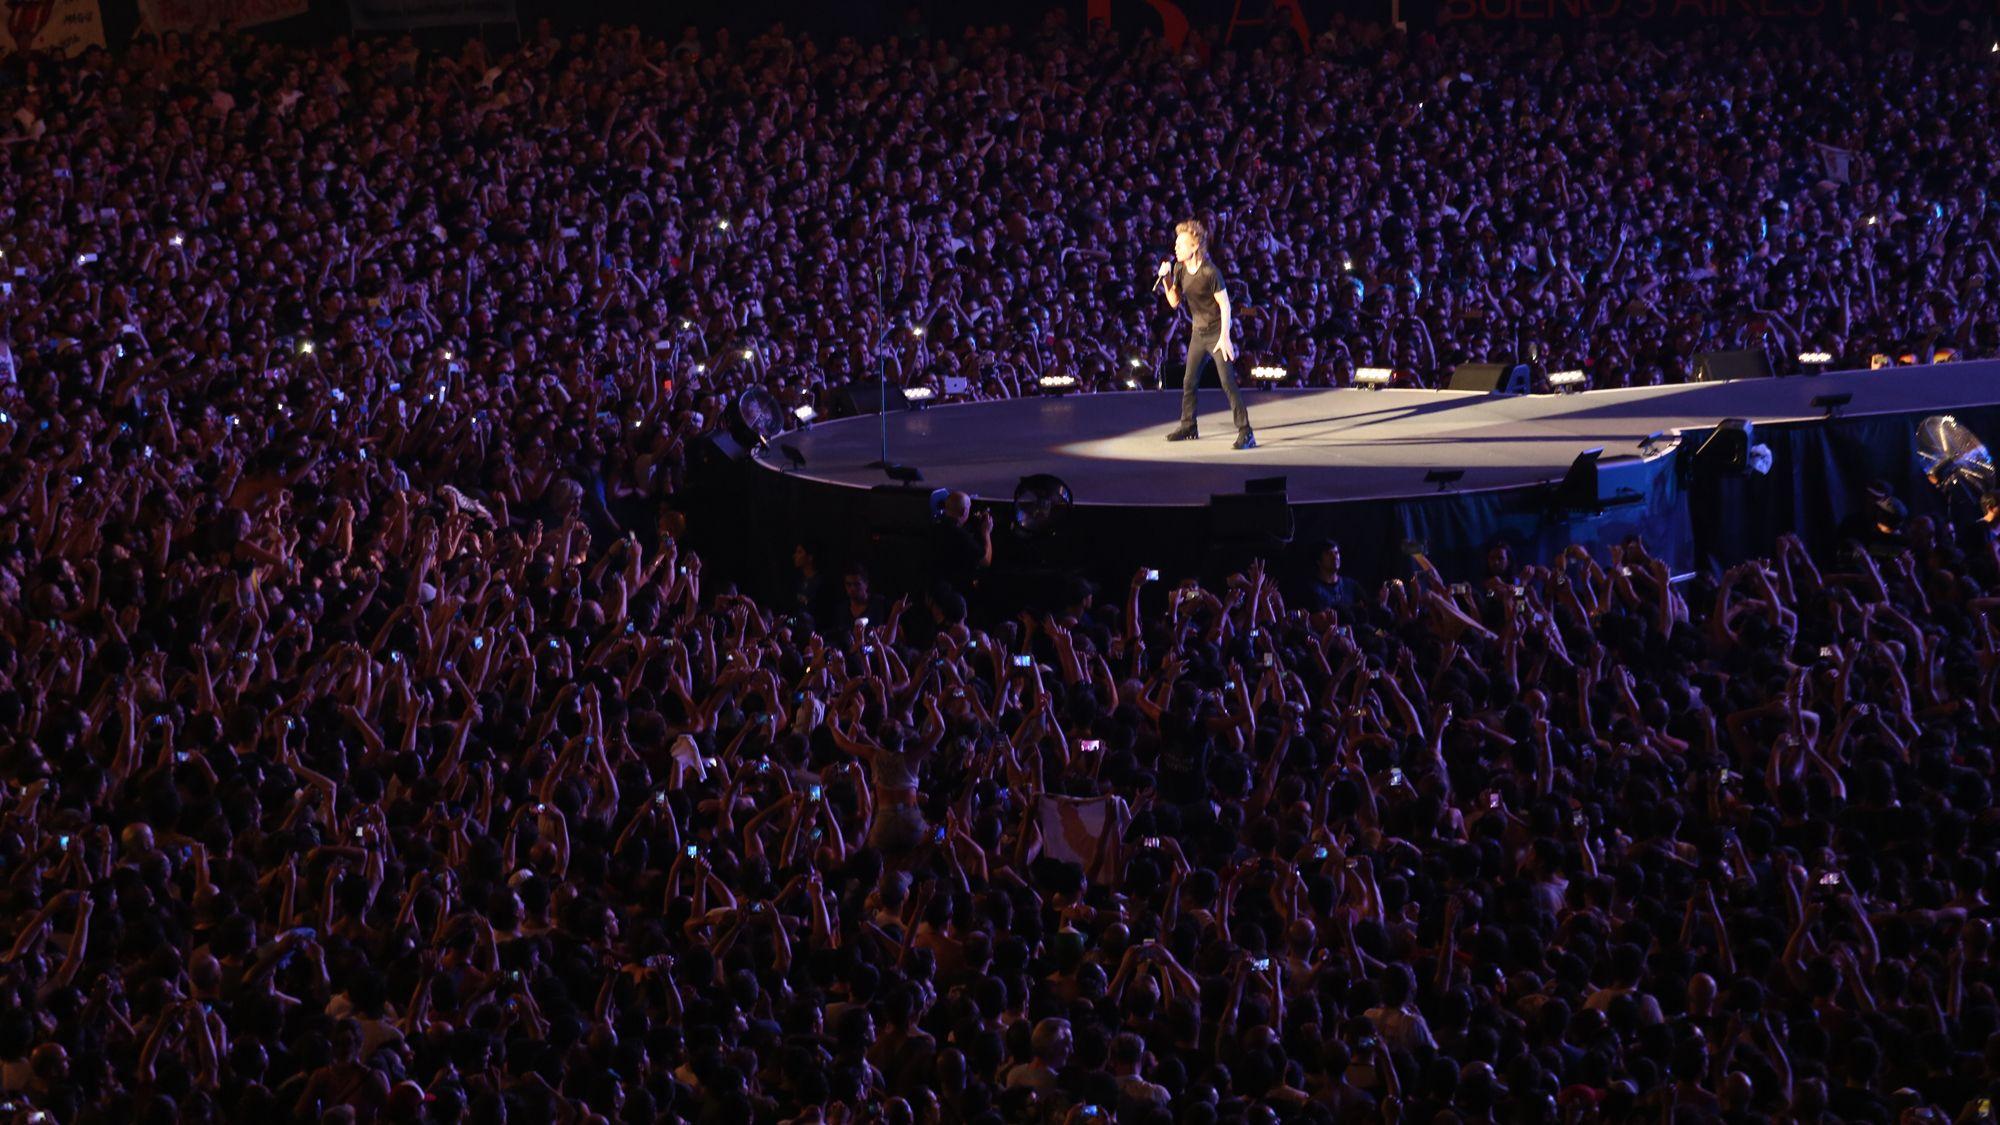 La Plata vuelve a vibrar: los Rolling Stones cierran su paso por Argentina